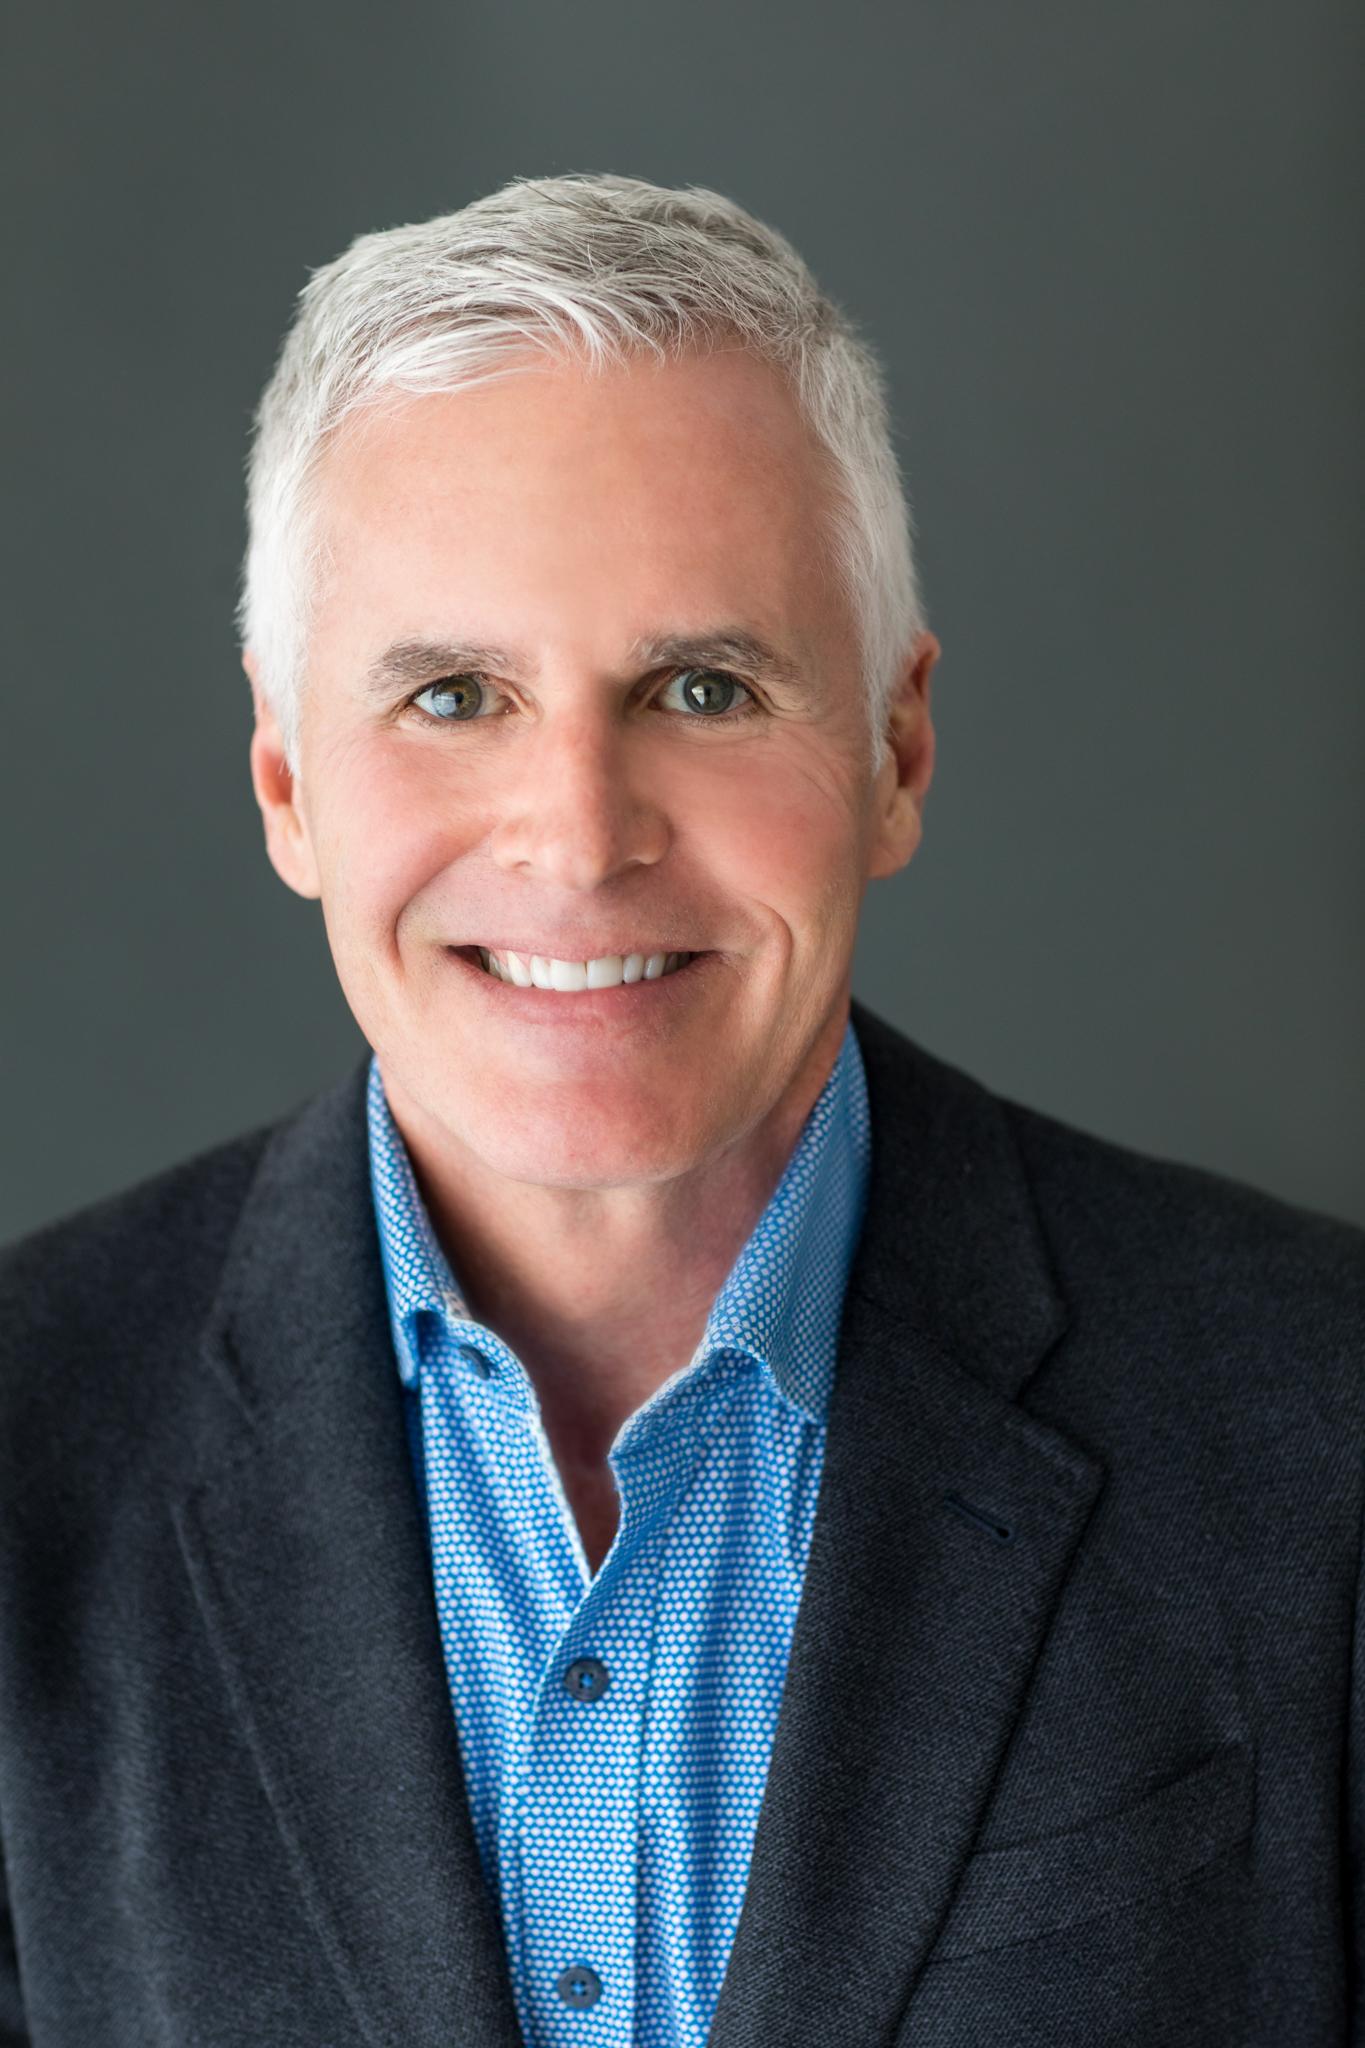 Brian Dunbar